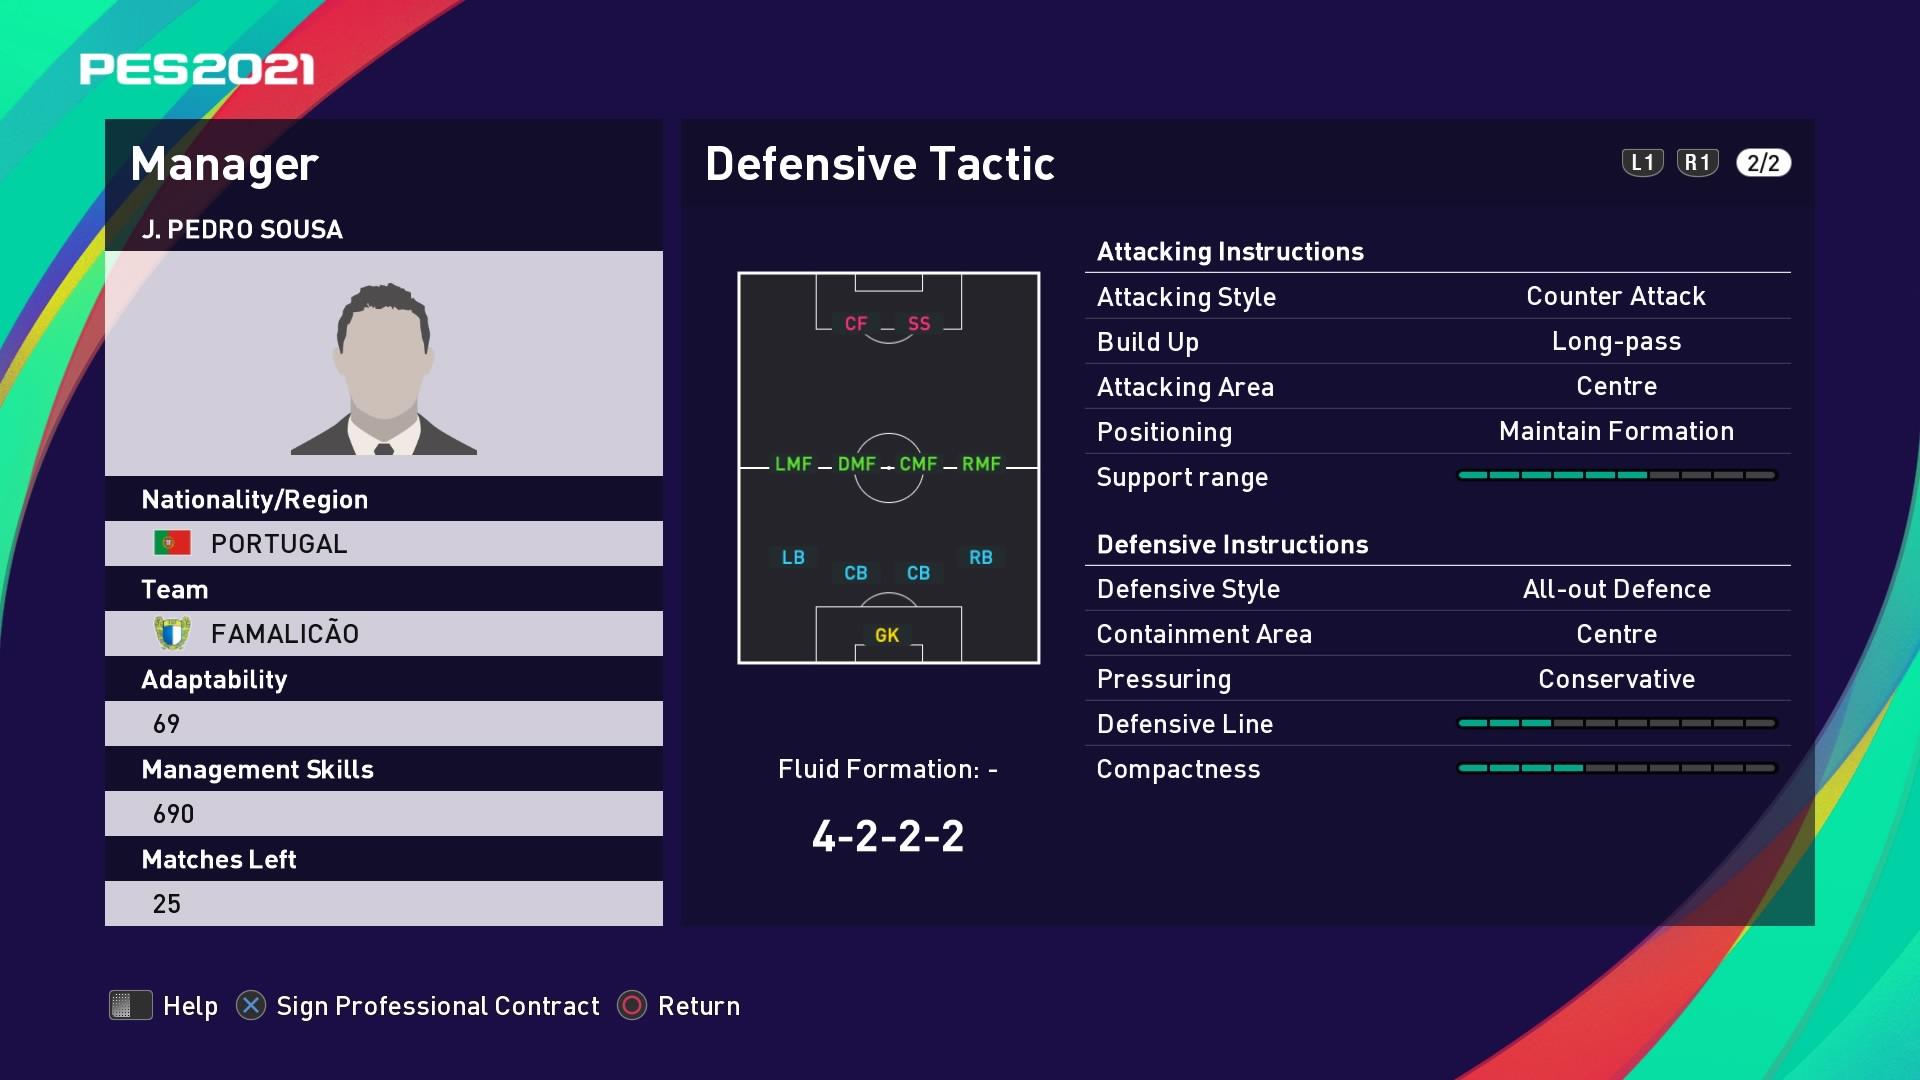 J. Pedro Sousa (João Pedro Sousa) Defensive Tactic in PES 2021 myClub